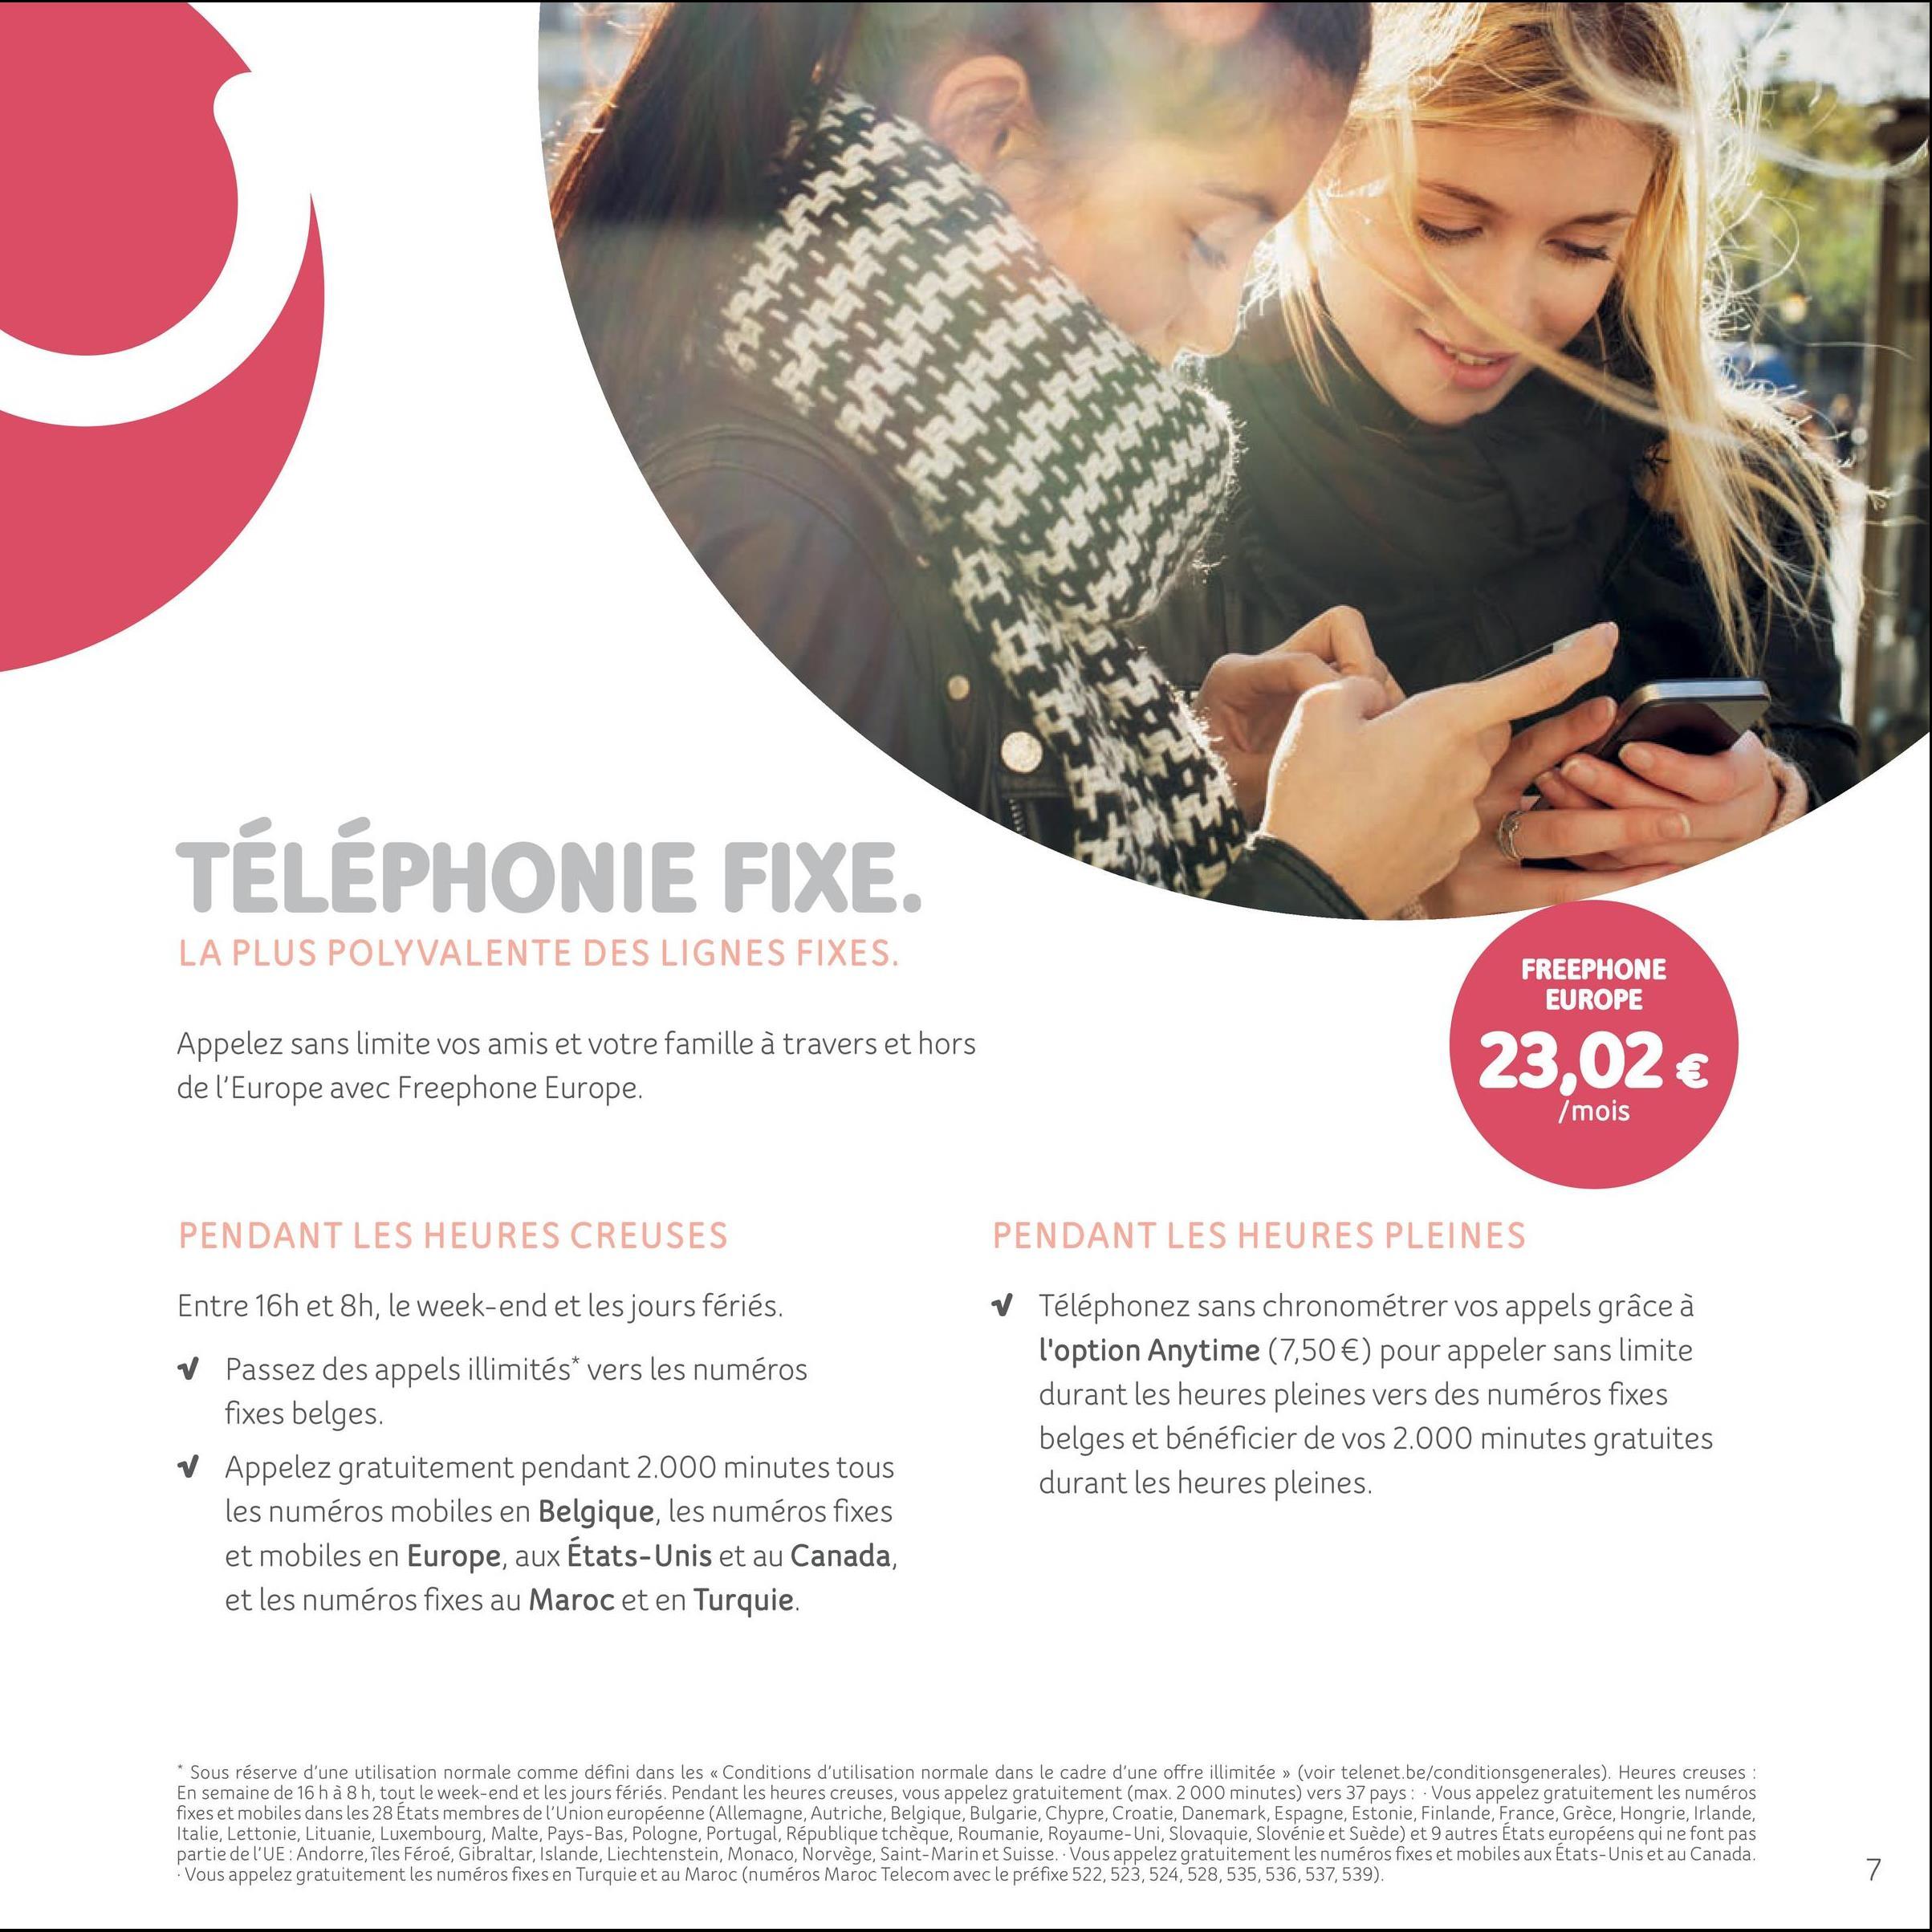 TÉLÉPHONIE FIXE. LA PLUS POLYVALENTE DES LIGNES FIXES. FREEPHONE EUROPE Appelez sans limite vos amis et votre famille à travers et hors de l'Europe avec Freephone Europe. 23,02 € mois PENDANT LES HEURES CREUSES PENDANT LES HEURES PLEINES Entre 16h et 8h, le week-end et les jours fériés. v Passez des appels illimités* vers les numéros fixes belges. V Appelez gratuitement pendant 2.000 minutes tous les numéros mobiles en Belgique, les numéros fixes et mobiles en Europe, aux États-Unis et au Canada, et les numéros fixes au Maroc et en Turquie. V Téléphonez sans chronométrer vos appels grâce à l'option Anytime (7,50 €) pour appeler sans limite durant les heures pleines vers des numéros fixes belges et bénéficier de vos 2.000 minutes gratuites durant les heures pleines. * Sous réserve d'une utilisation normale comme défini dans les « Conditions d'utilisation normale dans le cadre d'une offre illimitée » (voir telenet.be/conditionsgenerales). Heures creuses: En semaine de 16 h à 8 h, tout le week-end et les jours fériés. Pendant les heures creuses, vous appelez gratuitement (max. 2000 minutes) vers 37 pays : Vous appelez gratuitement les numéros fixes et mobiles dans les 28 États membres de l'Union européenne (Allemagne, Autriche, Belgique, Bulgarie, Chypre, Croatie, Danemark, Espagne, Estonie, Finlande, France, Grèce, Hongrie, Irlande, Italie, Lettonie, Lituanie, Luxembourg, Malte, Pays-Bas, Pologne, Portugal, République tchèque, Roumanie, Royaume-Uni, Slovaquie, Slovénie et Suède) et 9 autres Etats européens qui ne font pas partie de l'UE:Andorre, îles Féroé, Gibraltar, Islande, Liechtenstein, Monaco, Norvège, Saint-Marin et Suisse. Vous appelez gratuitement les numéros fixes et mobiles aux Etats-Unis et au Canada. Vous appelez gratuitement les numéros fixes en Turquie et au Maroc (numéros Maroc Telecom avec le préfixe 522,523,524,528,535,536,537,539),